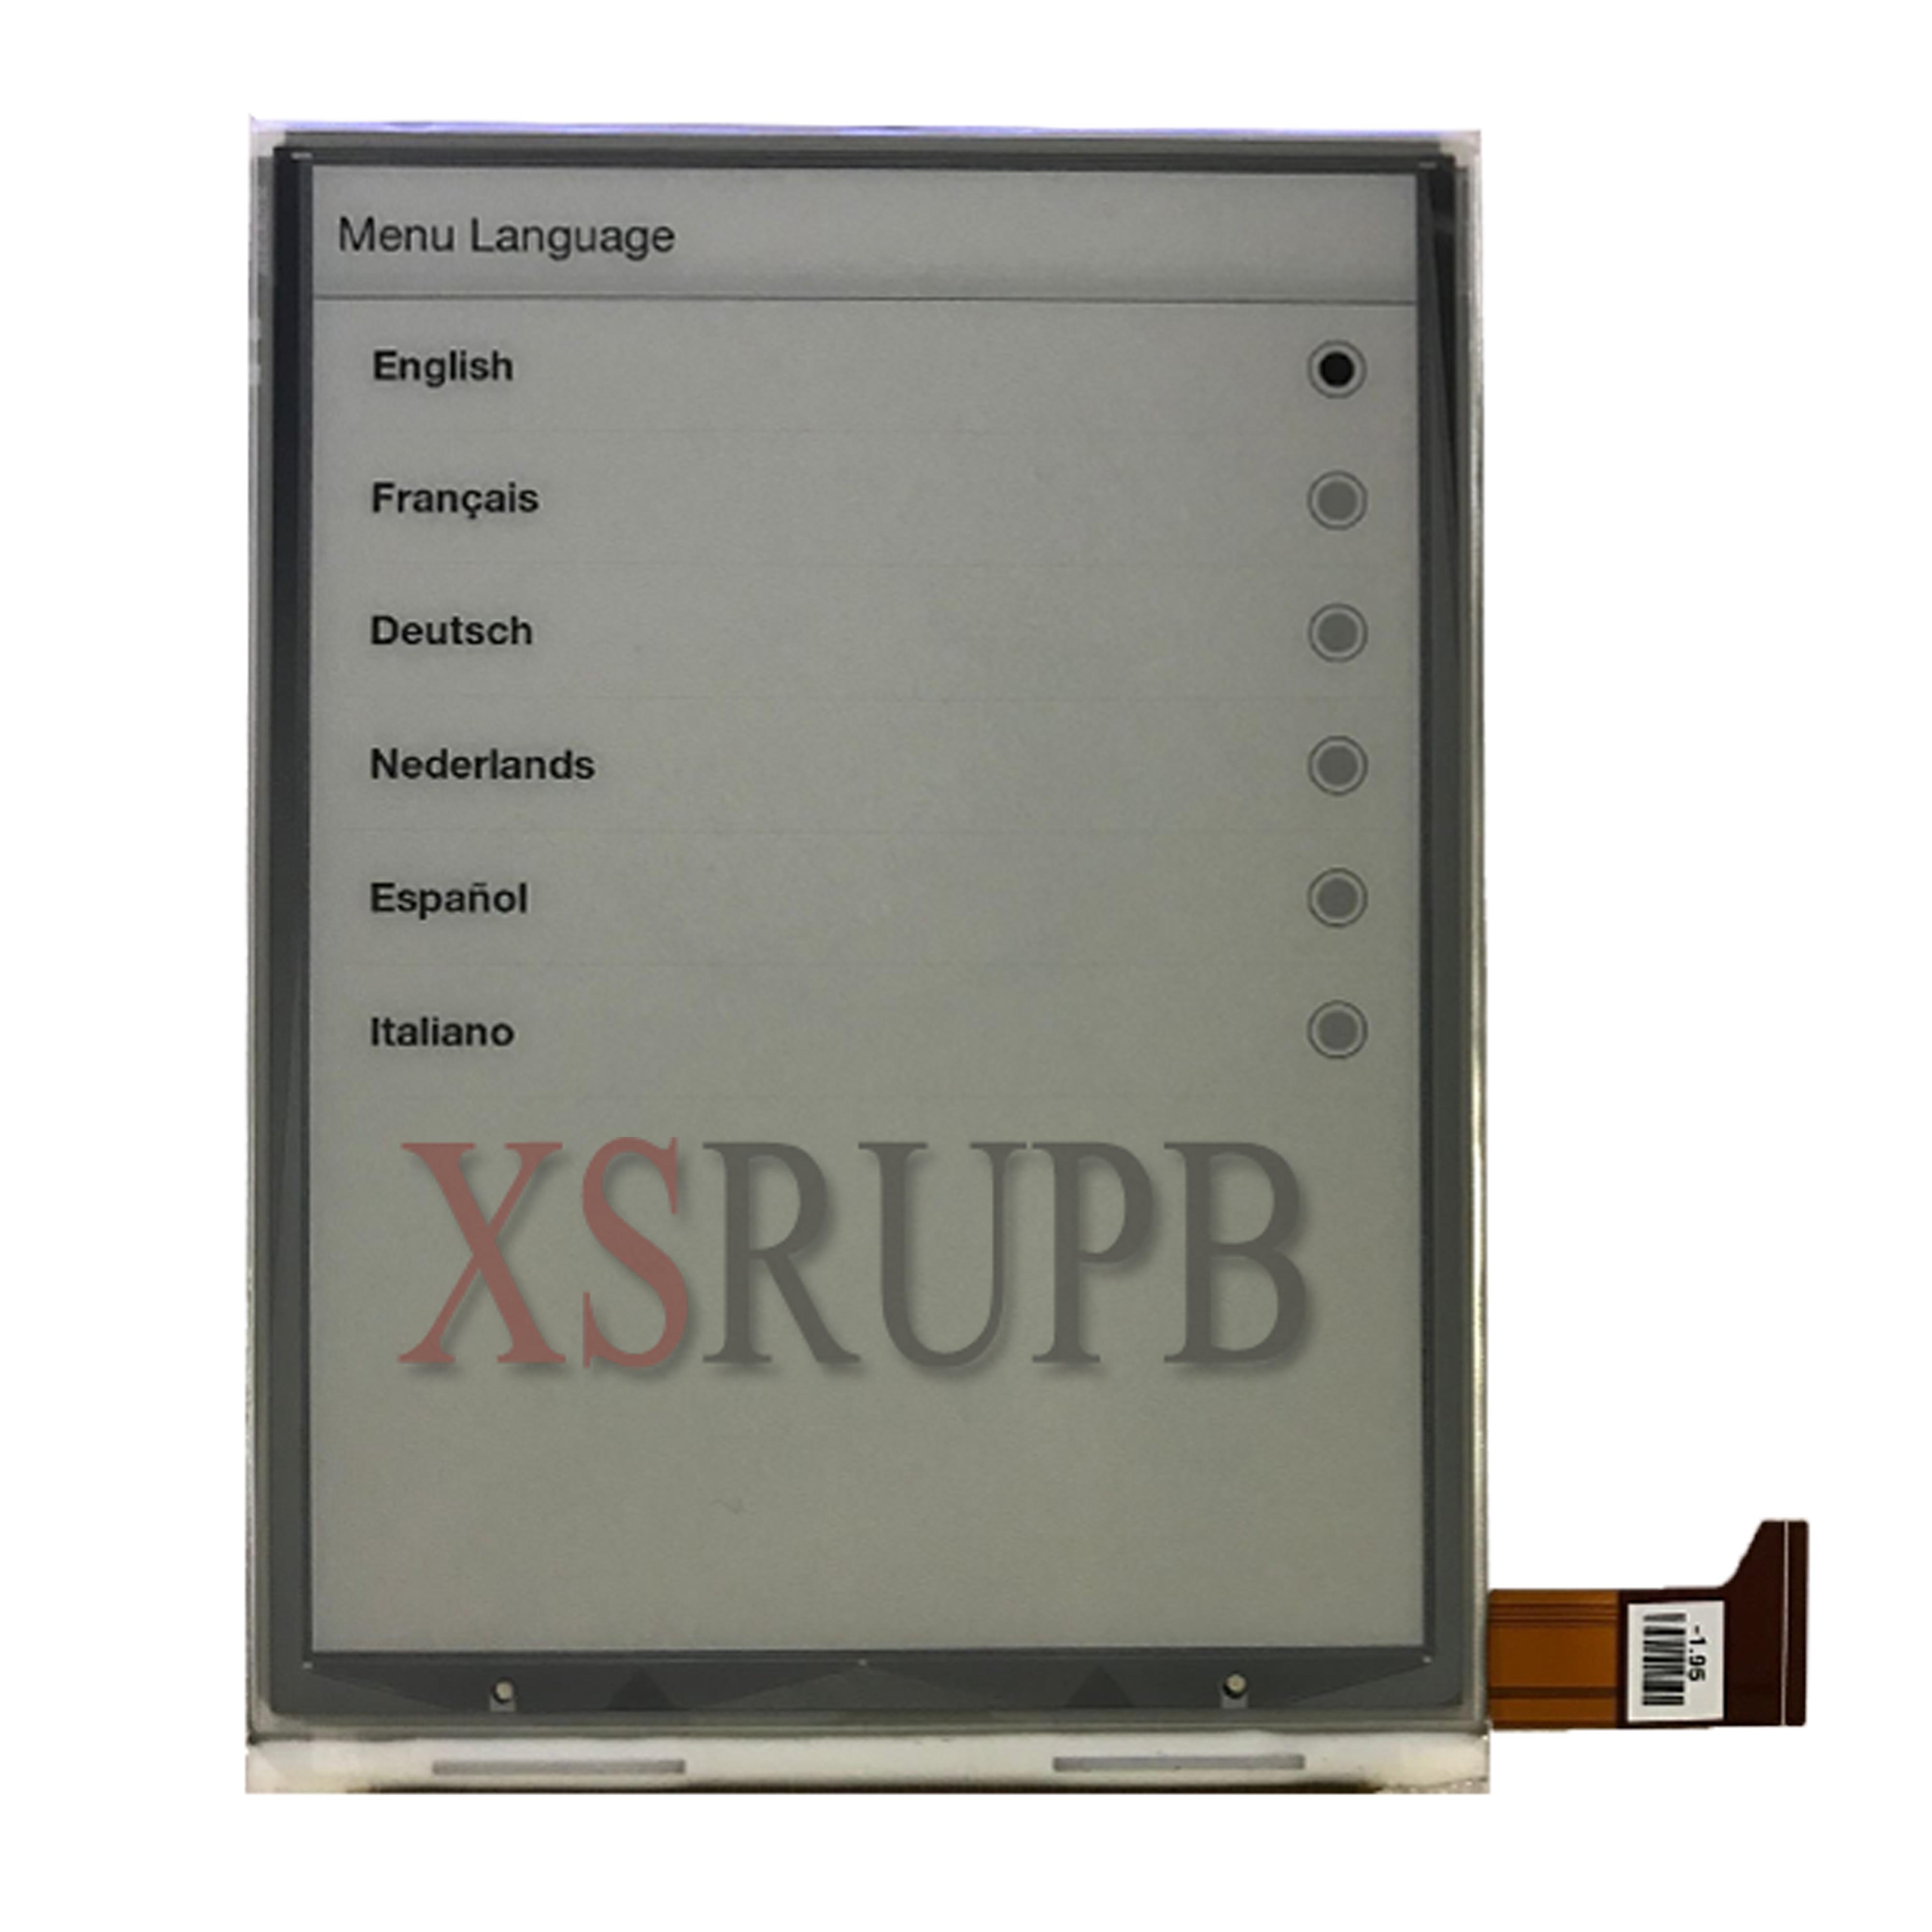 6.0 дюйма Экран для WOXTER Скриба 195 ЖК-дисплей Дисплей Planel Экран электронная книга для чтения электронных книг Замена Бесплатная доставка